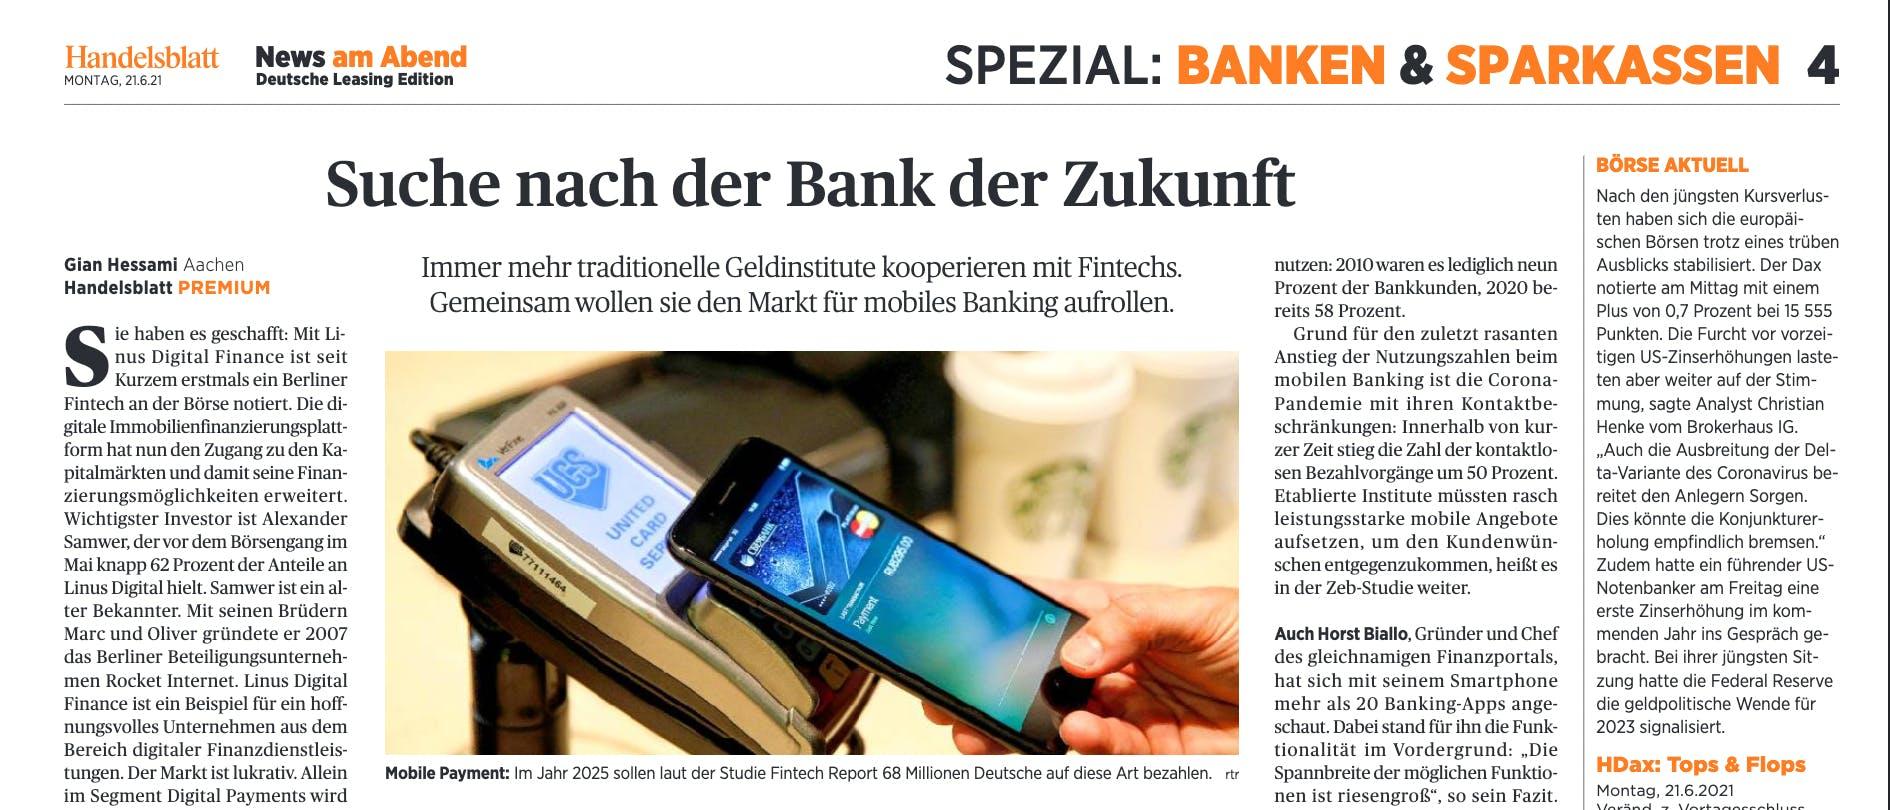 Suche nach der Bank der Zukunft